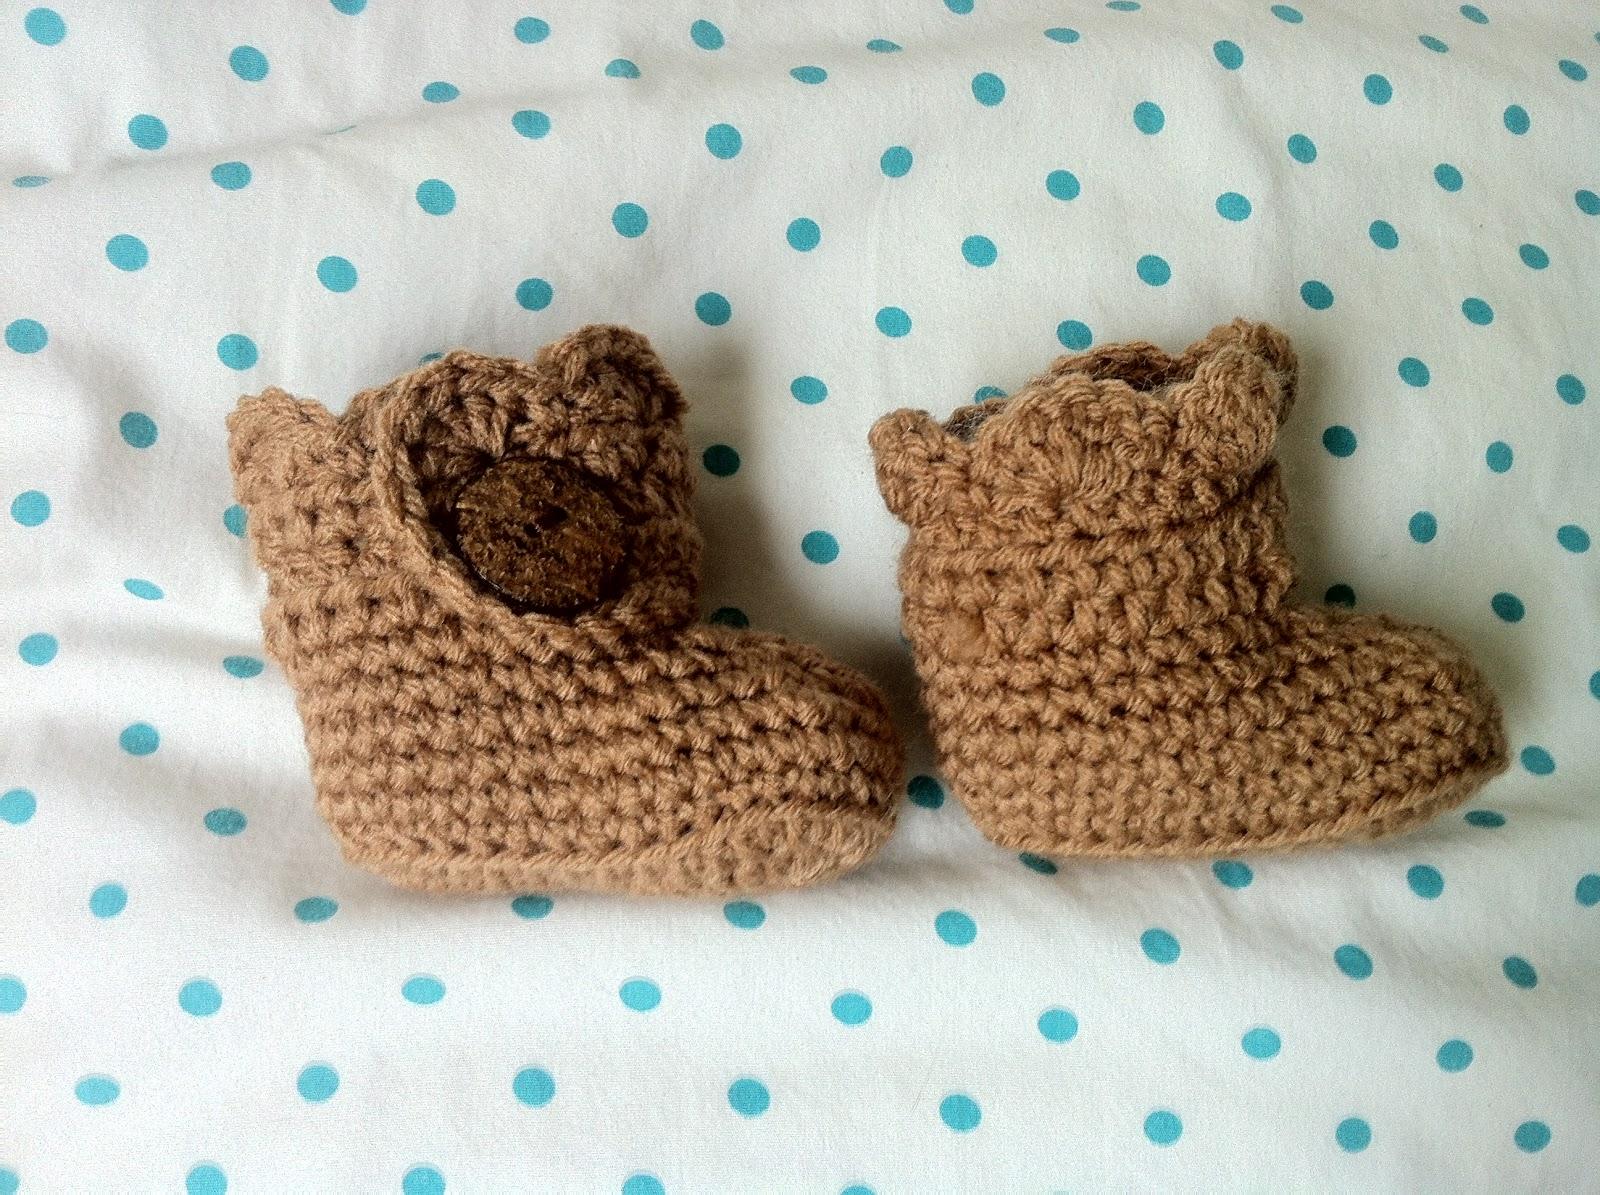 Thread Crochet Baby Booties Patterns : Crochet Baby Ugg Booties